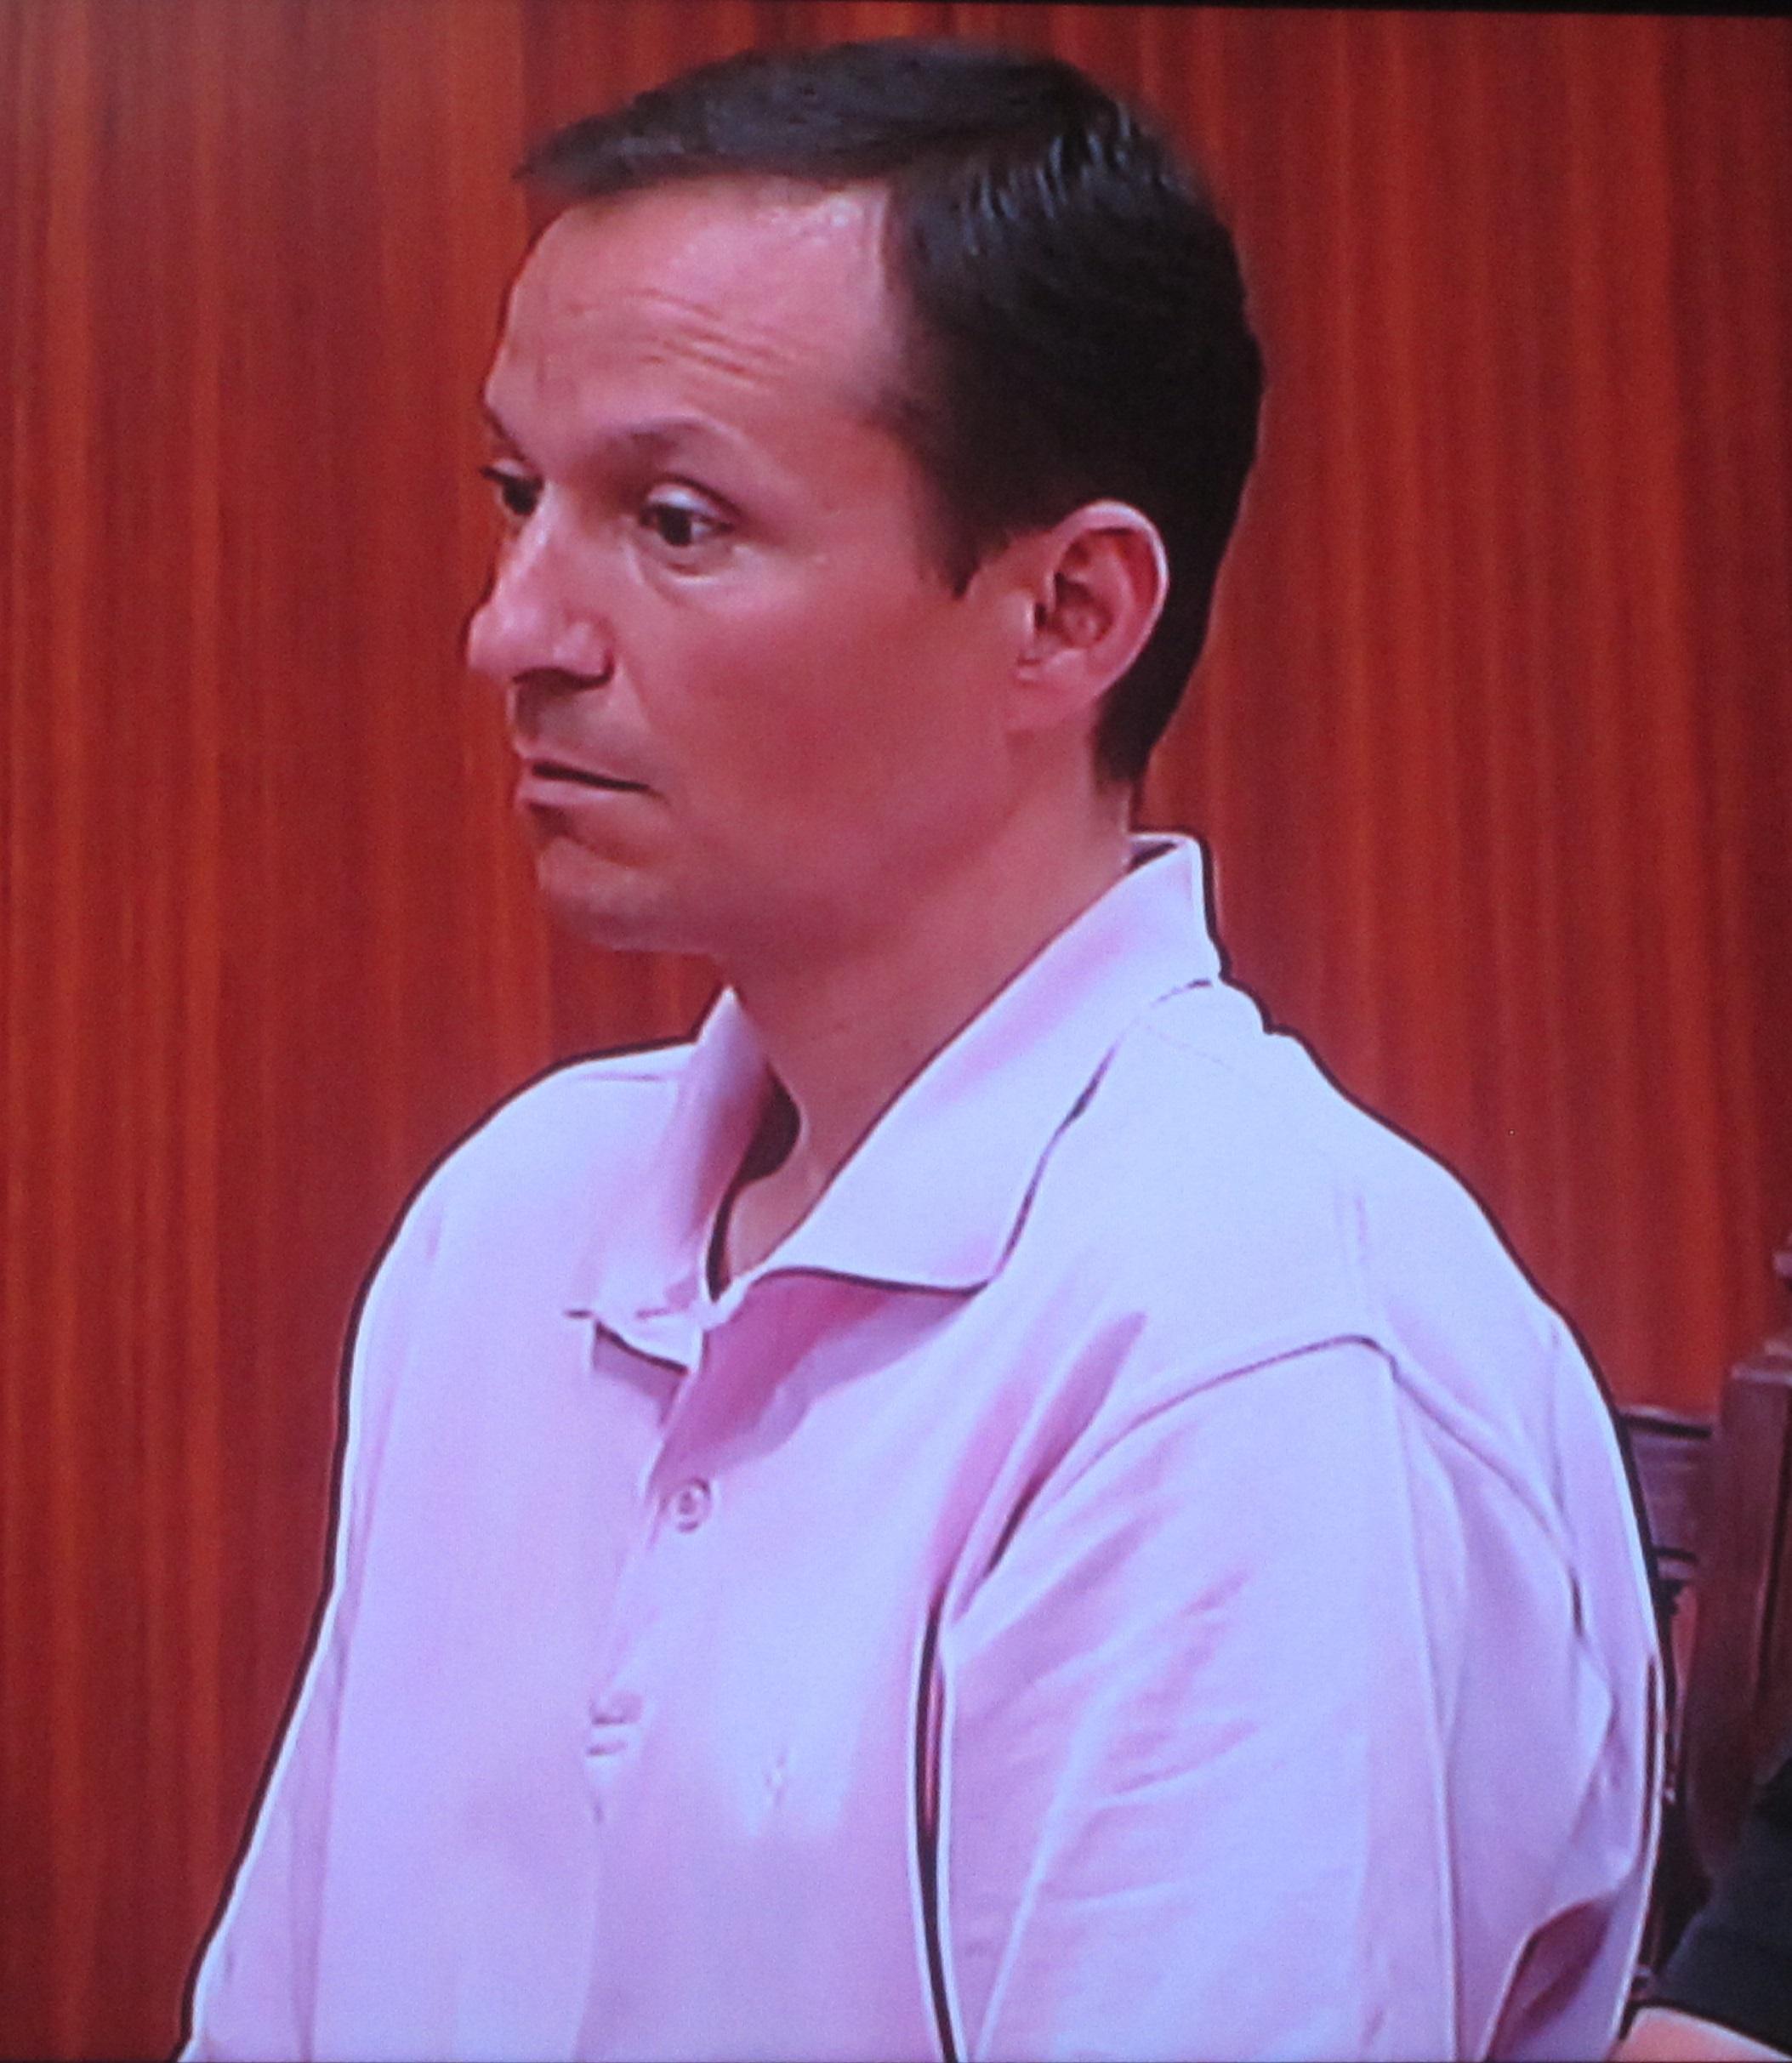 Bretón pide su absolución en la causa de maltrato a Ruth que se juzga en próximas fechas en Huelva